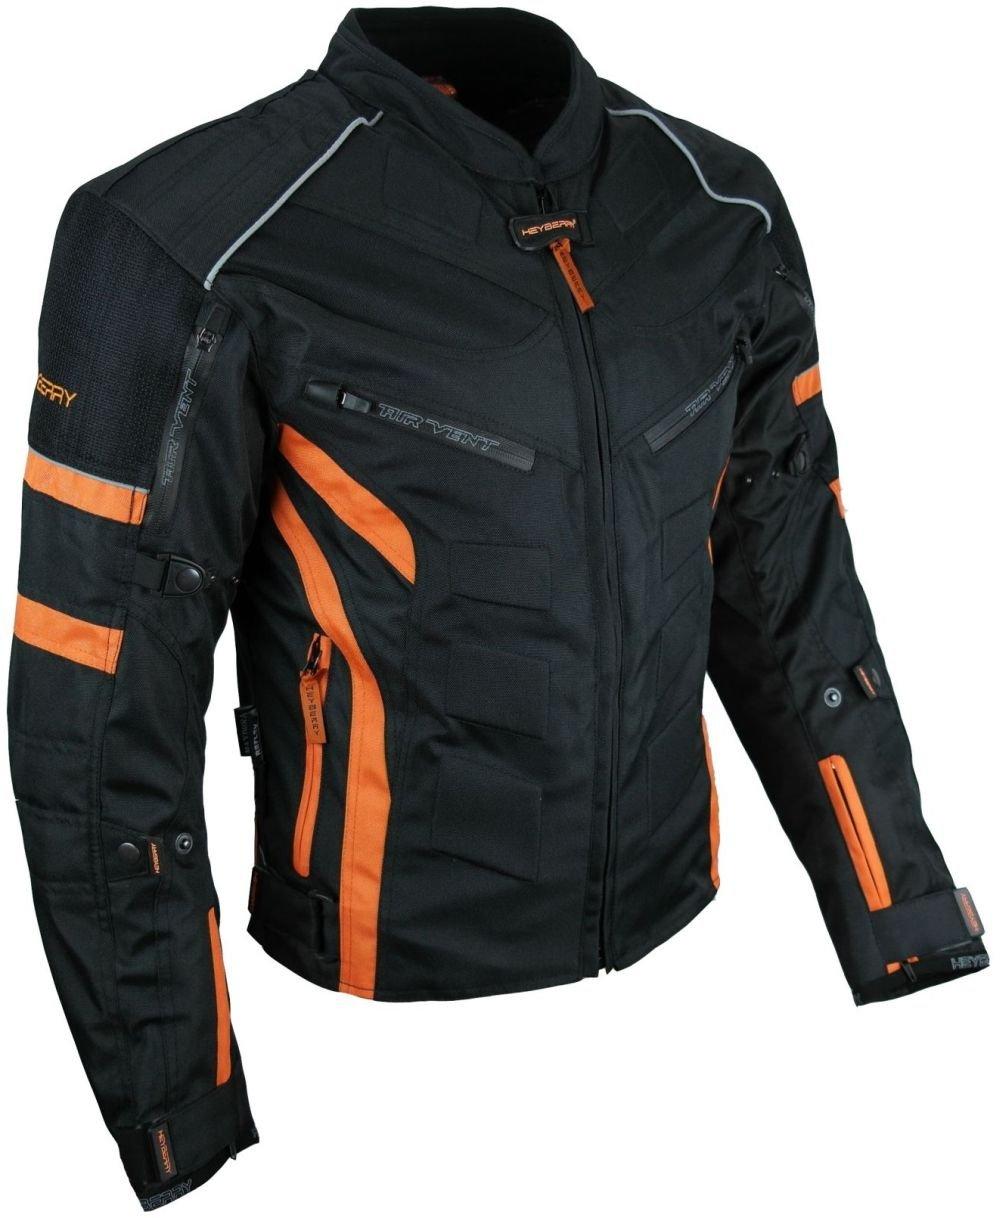 HEYBERRY Kurze Textil Motorrad Jacke Motorradjacke Schwarz Gr 7XL